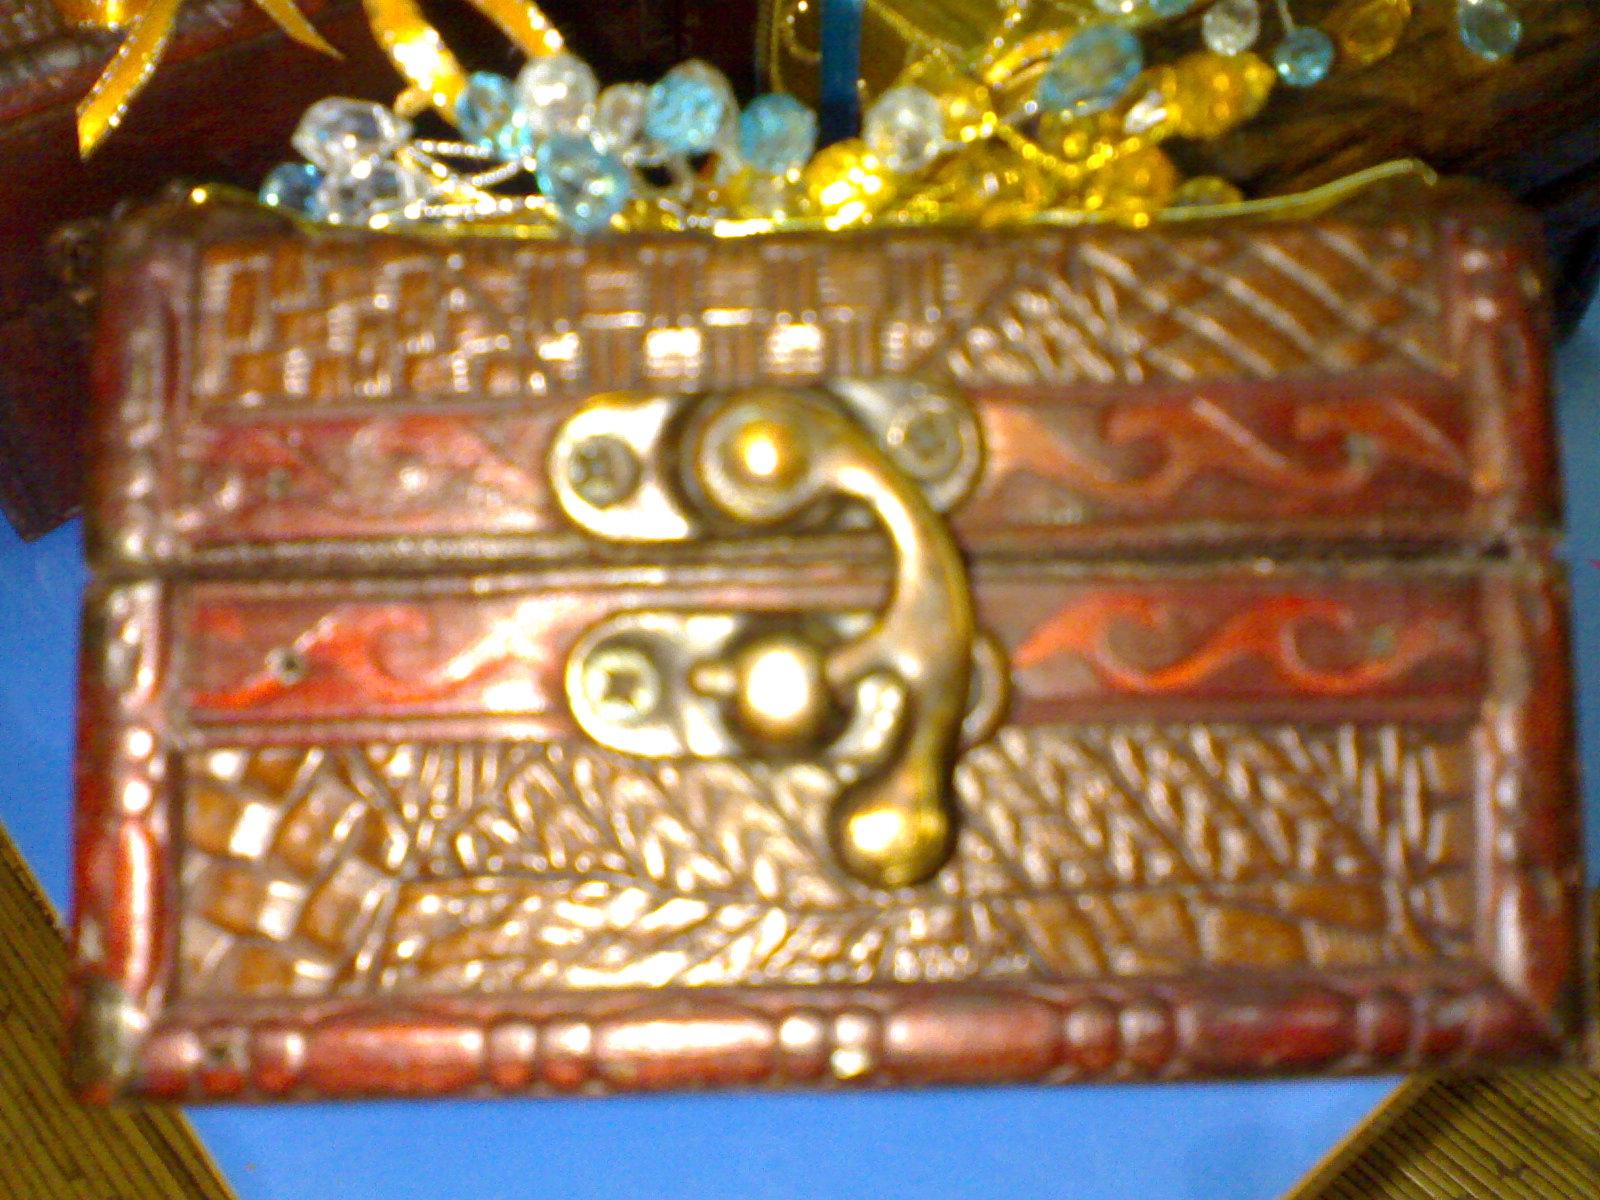 Corporate Door Gift: CORPORATE HAMPER & DOOR GIFT: PETI HARTA KARUN COMEL